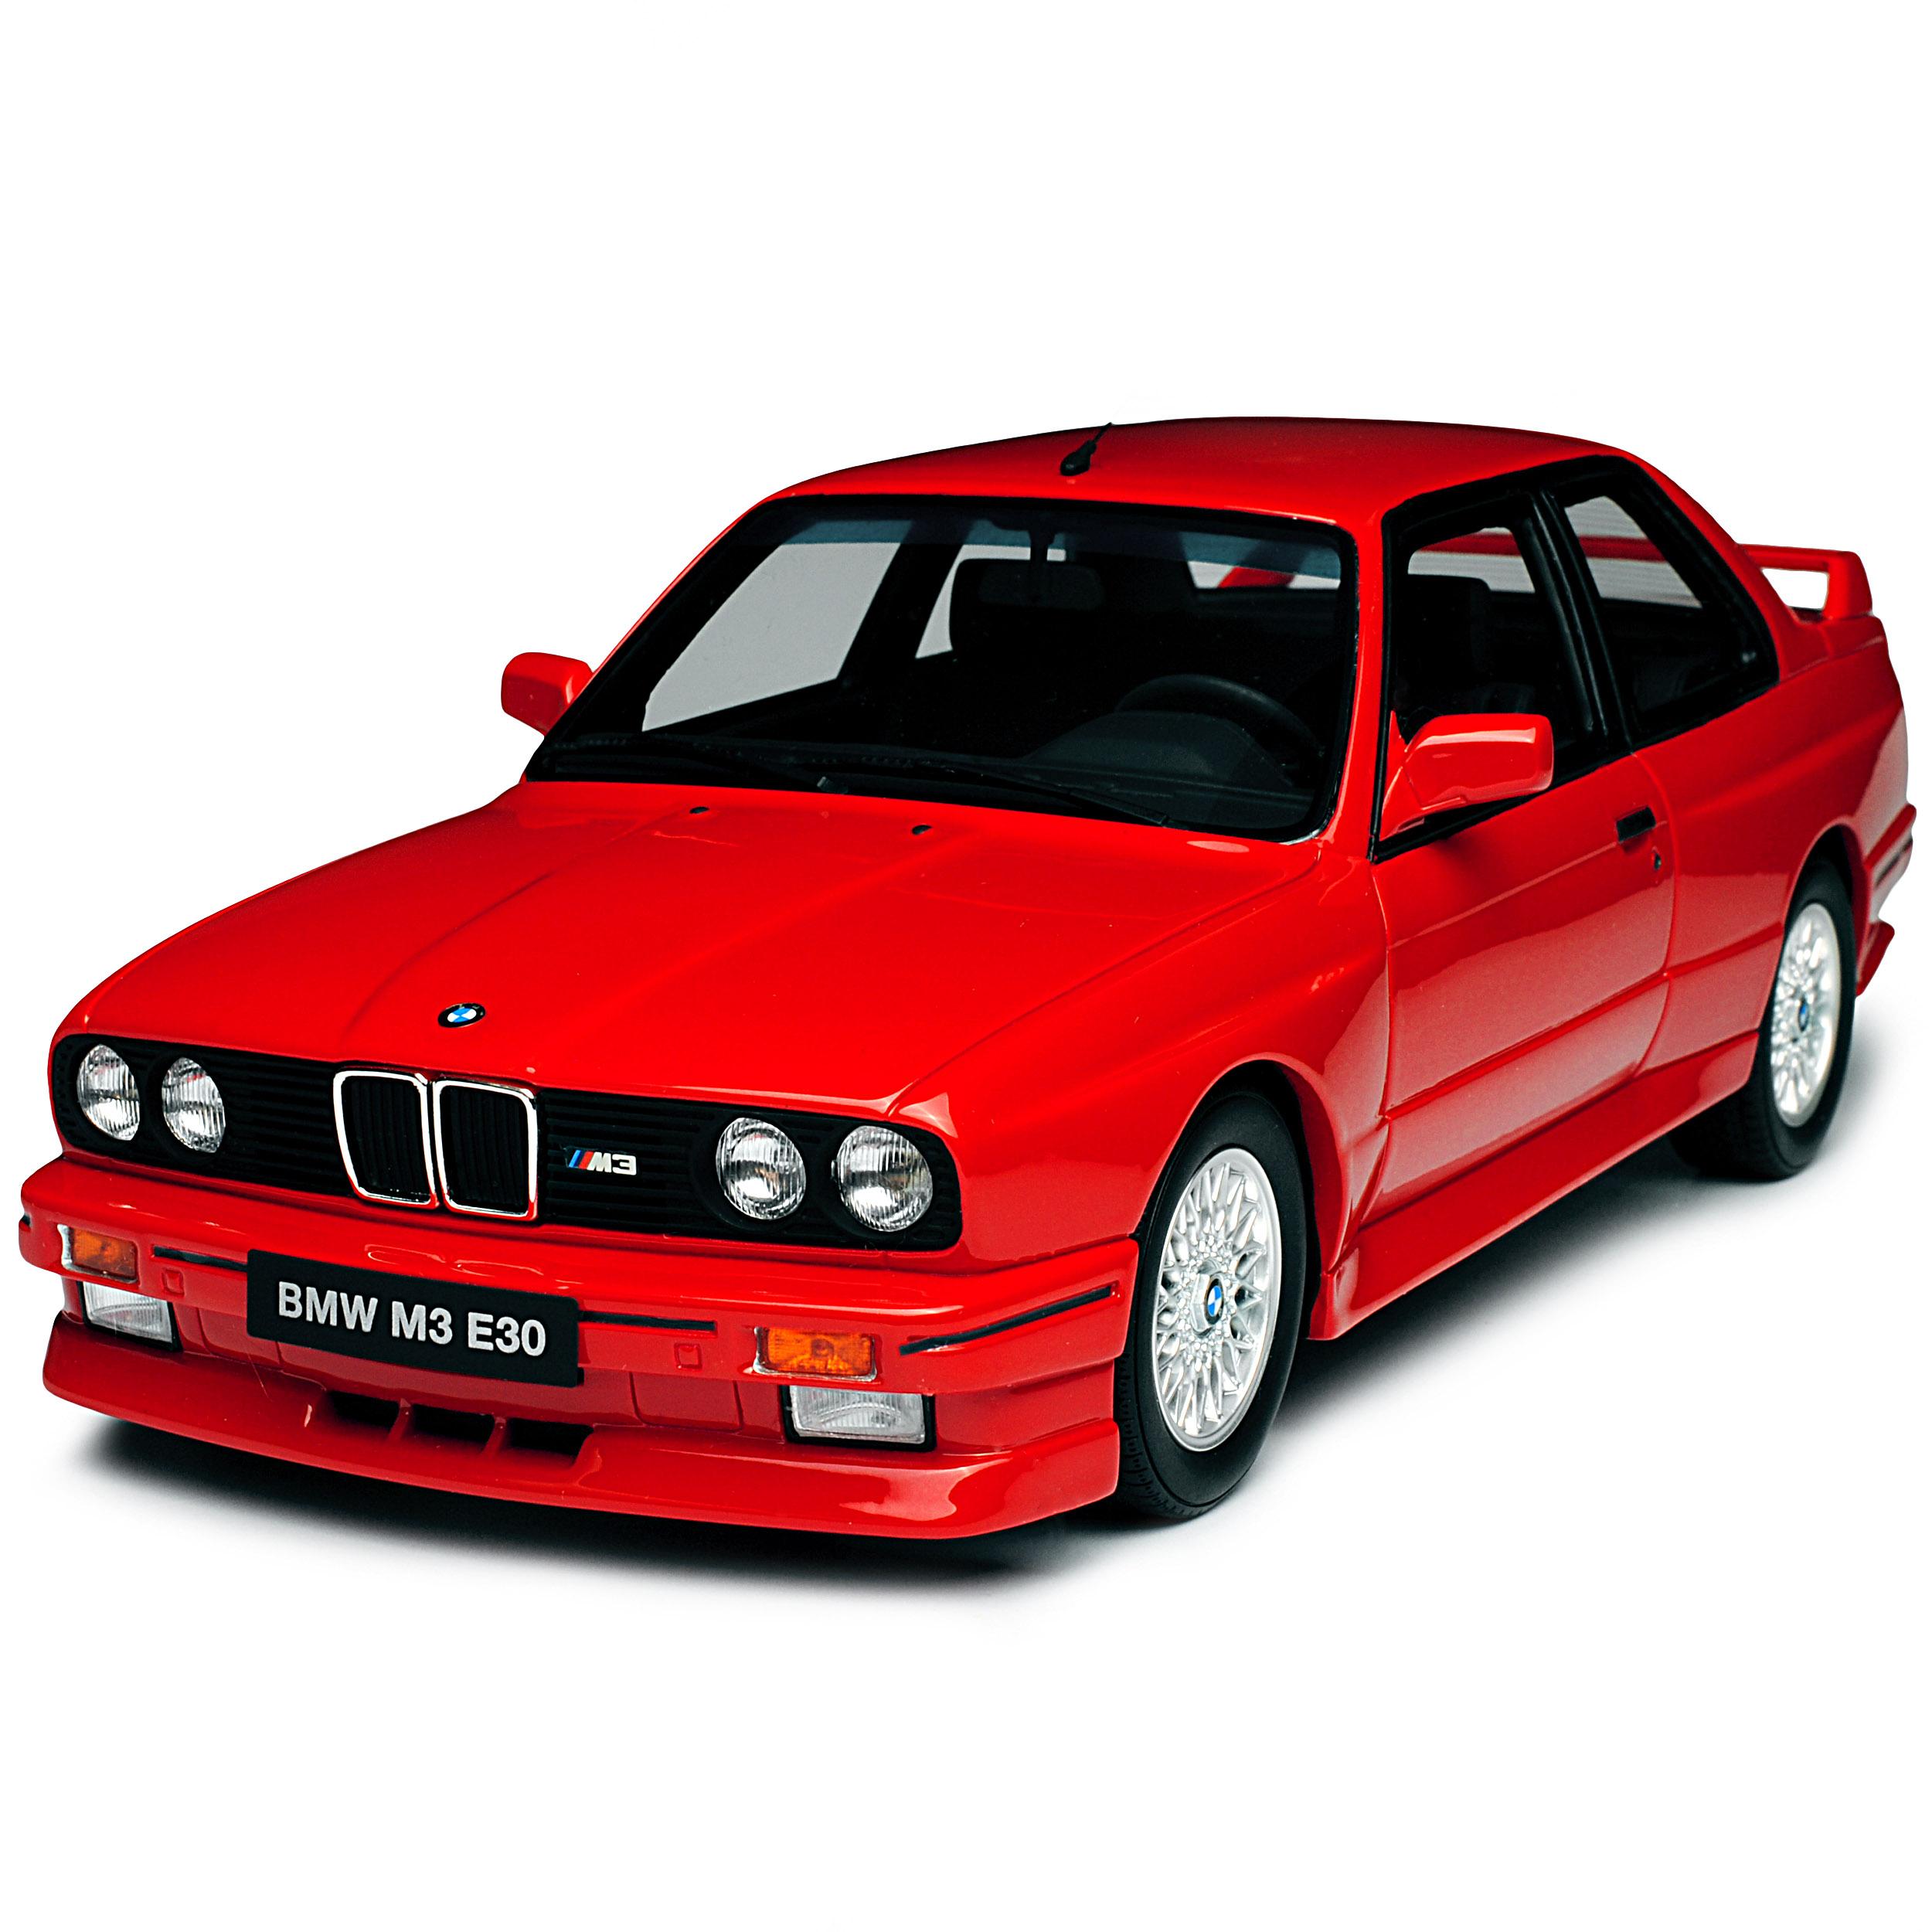 BMW BMW BMW 3er e30 m3 COUPE ROSSO 1982-1994 nr 695 1/18 otto mobile modello auto con ode  022402